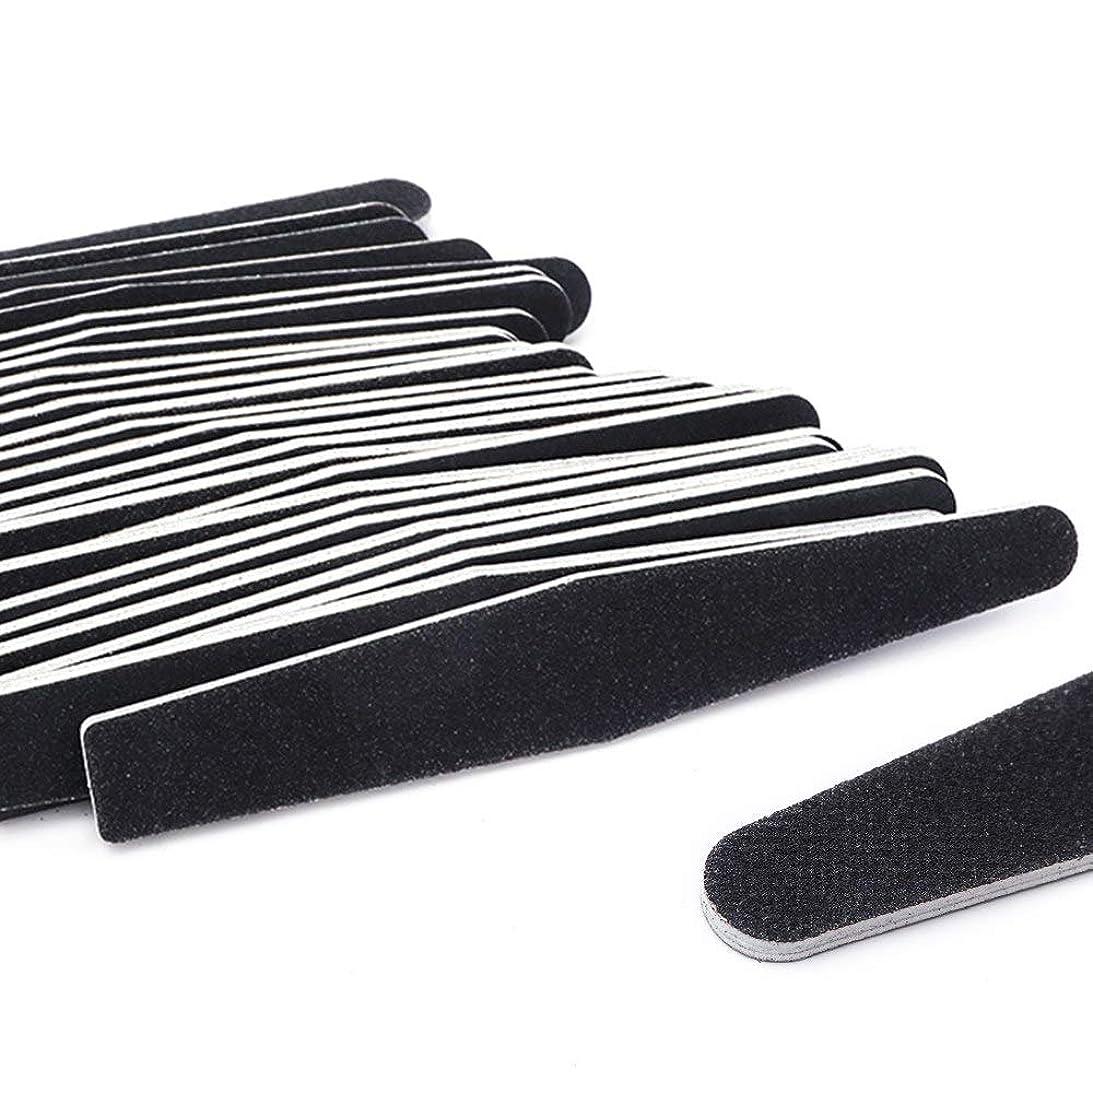 変な団結する微視的5ピース/ロット黒サンディングネイルアートファイルバッファグリットストレートエッジスティックdiy研磨ブロックネイルファイルセットマニキュアツールSA833